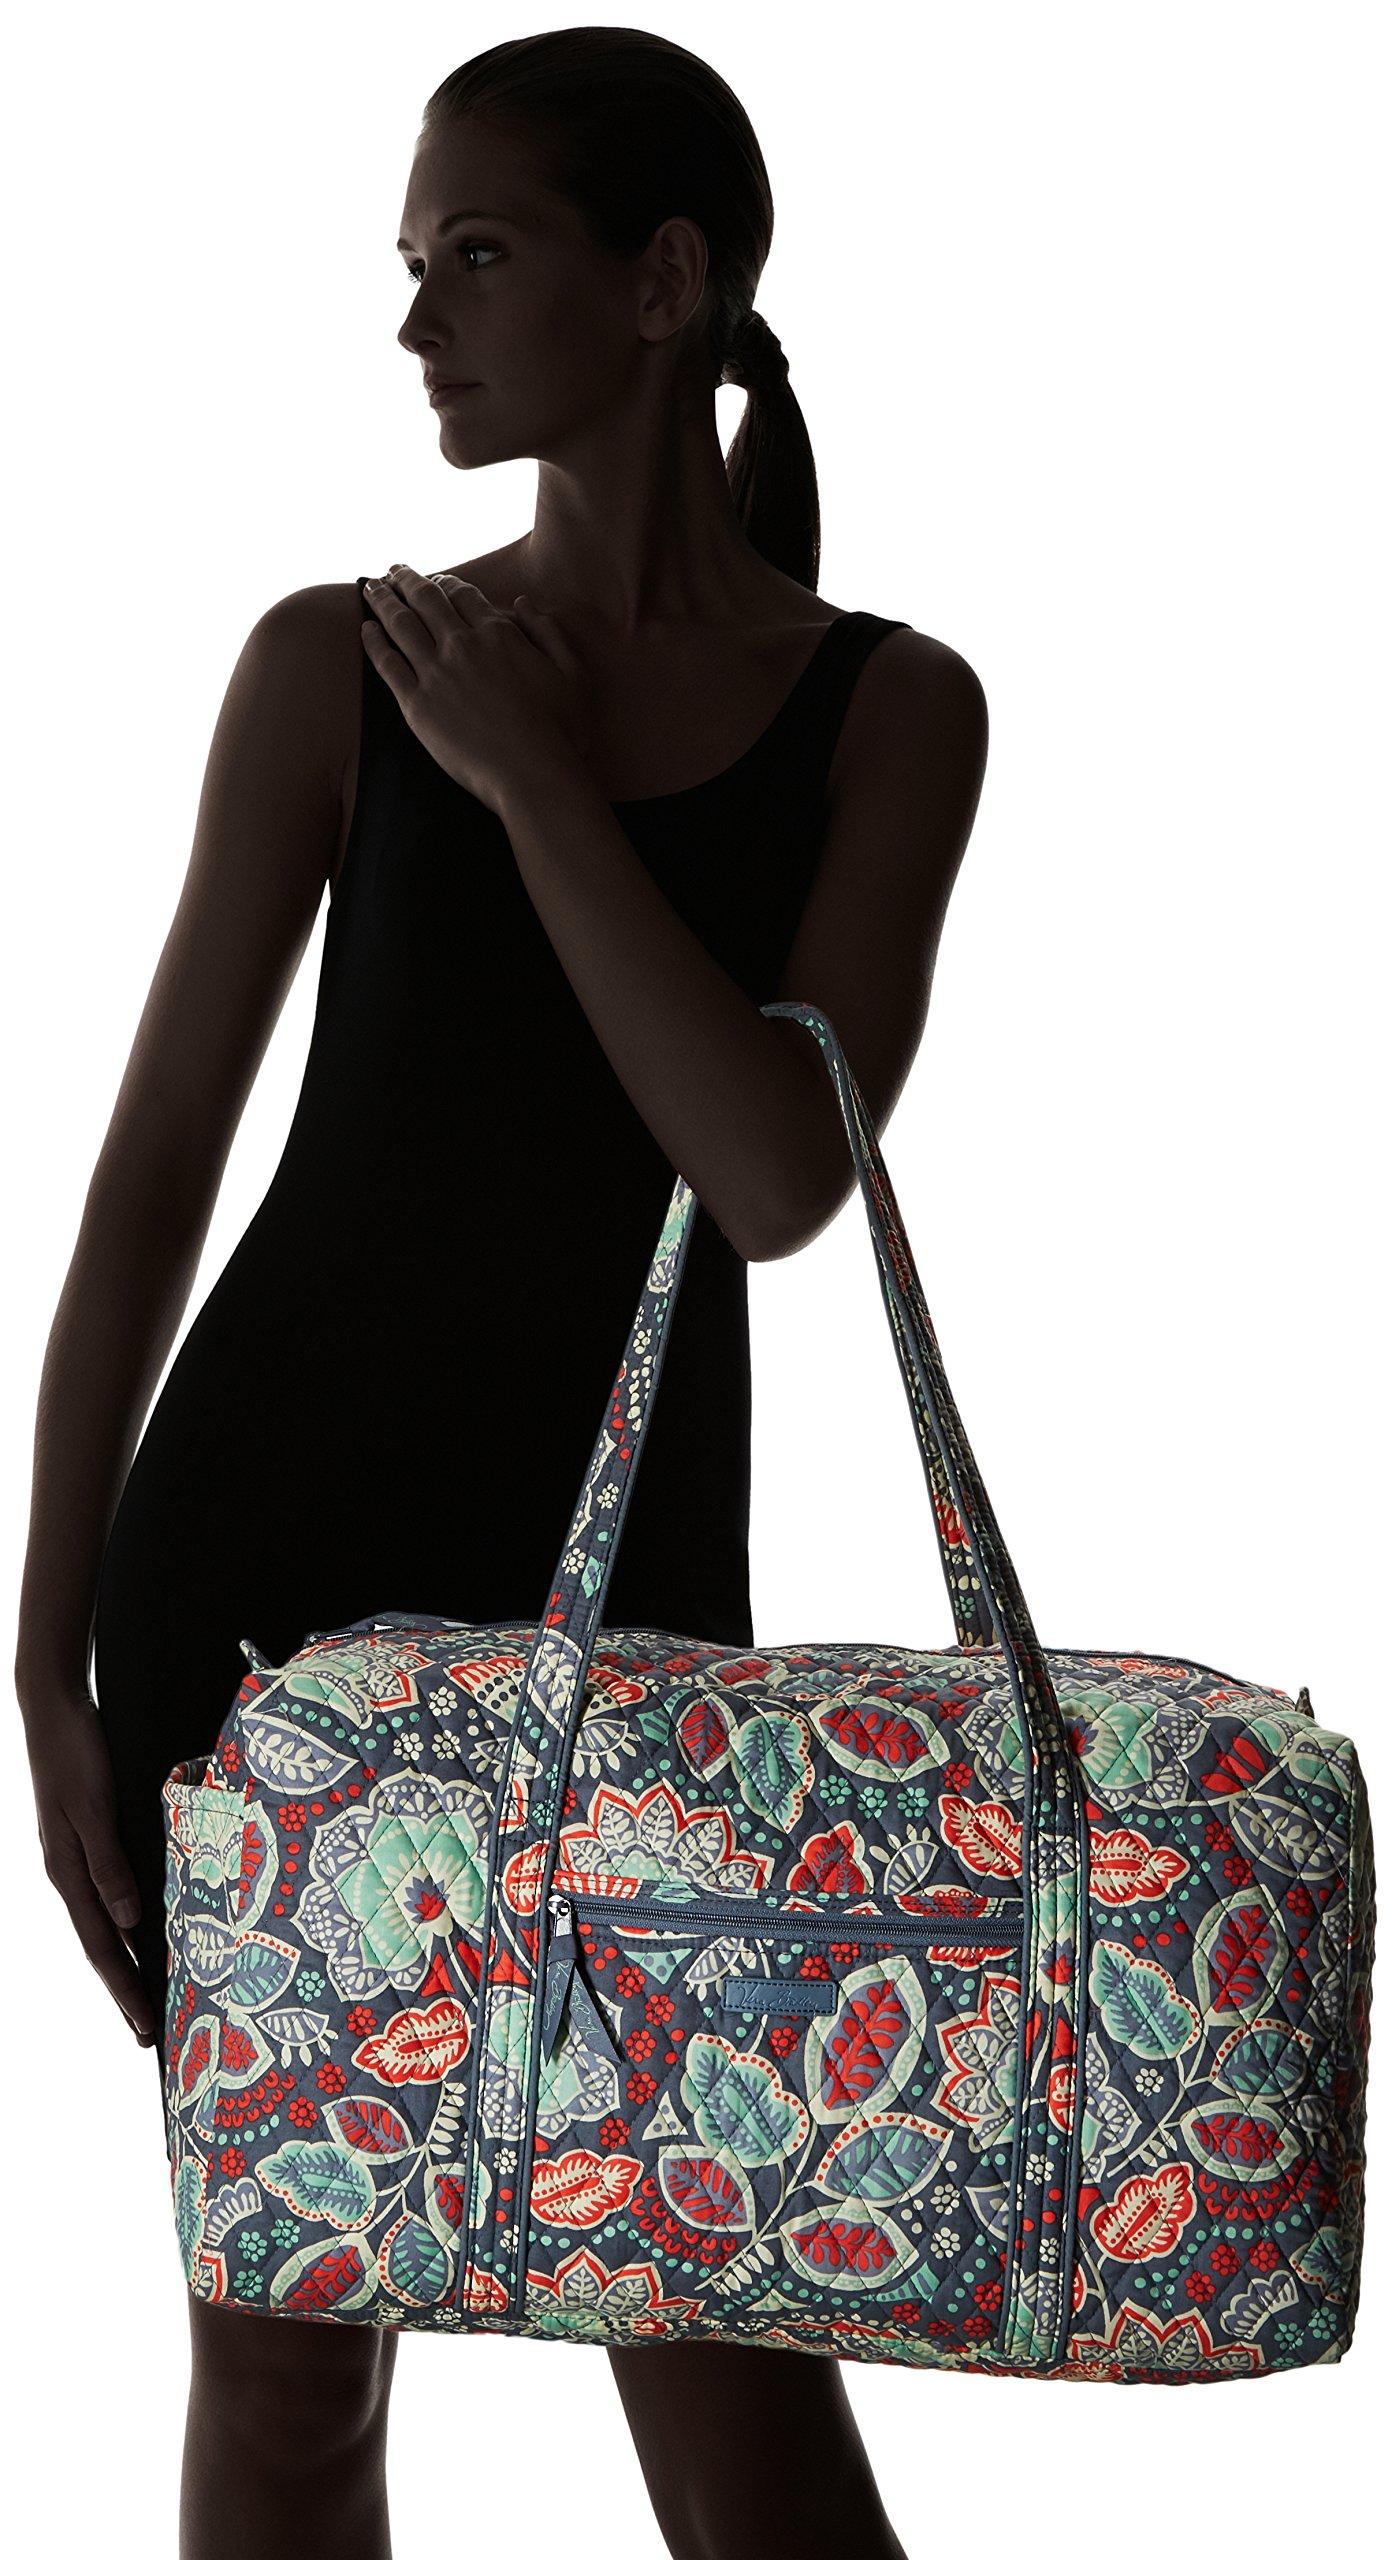 Vera Bradley Luggage Women's Large Duffel Nomadic Floral Duffel Bag by Vera Bradley (Image #6)